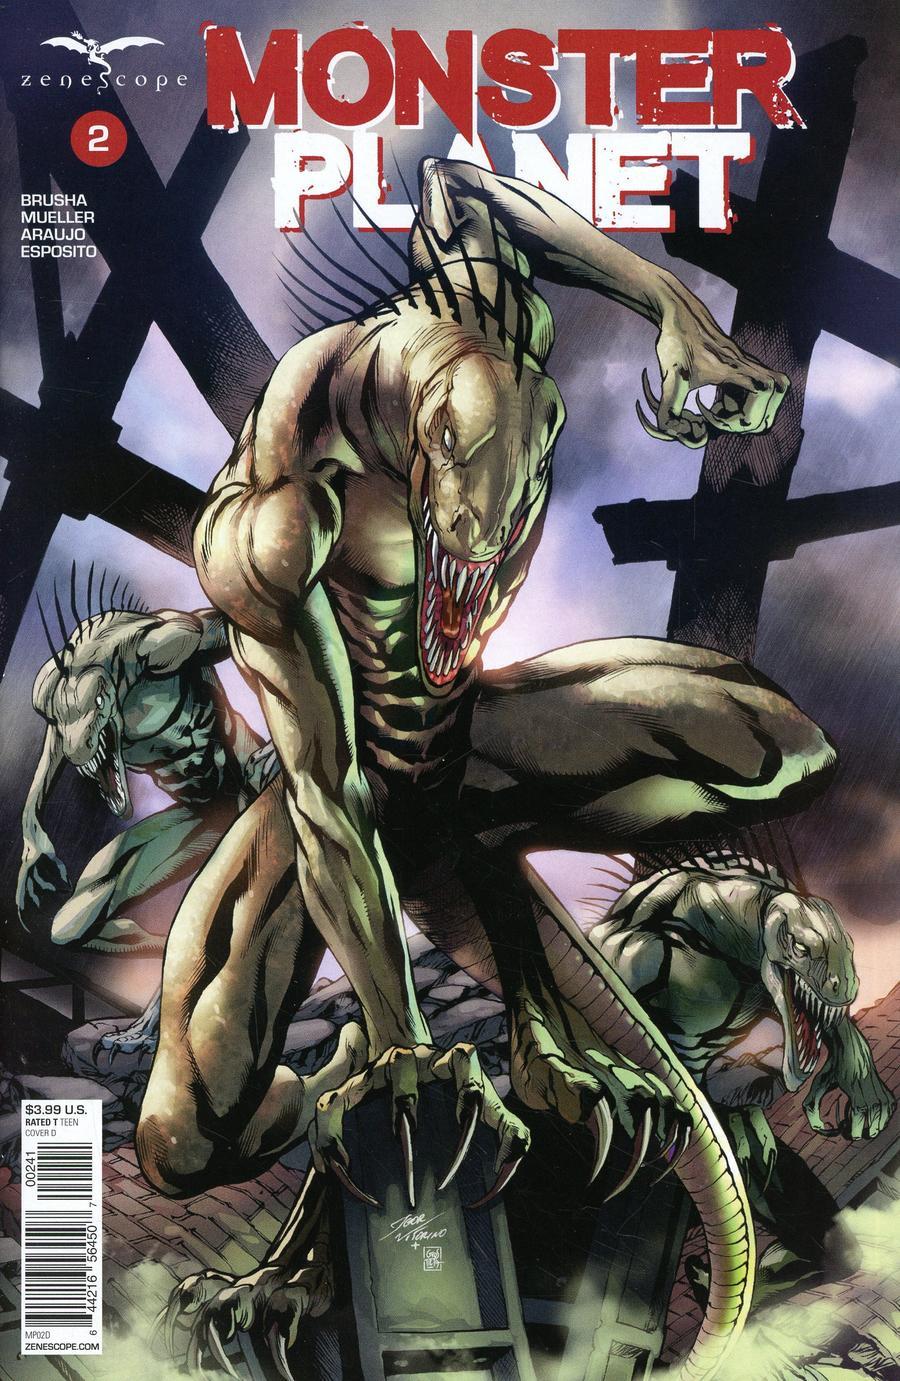 Monster Planet #2 Cover D Igor Vitorino